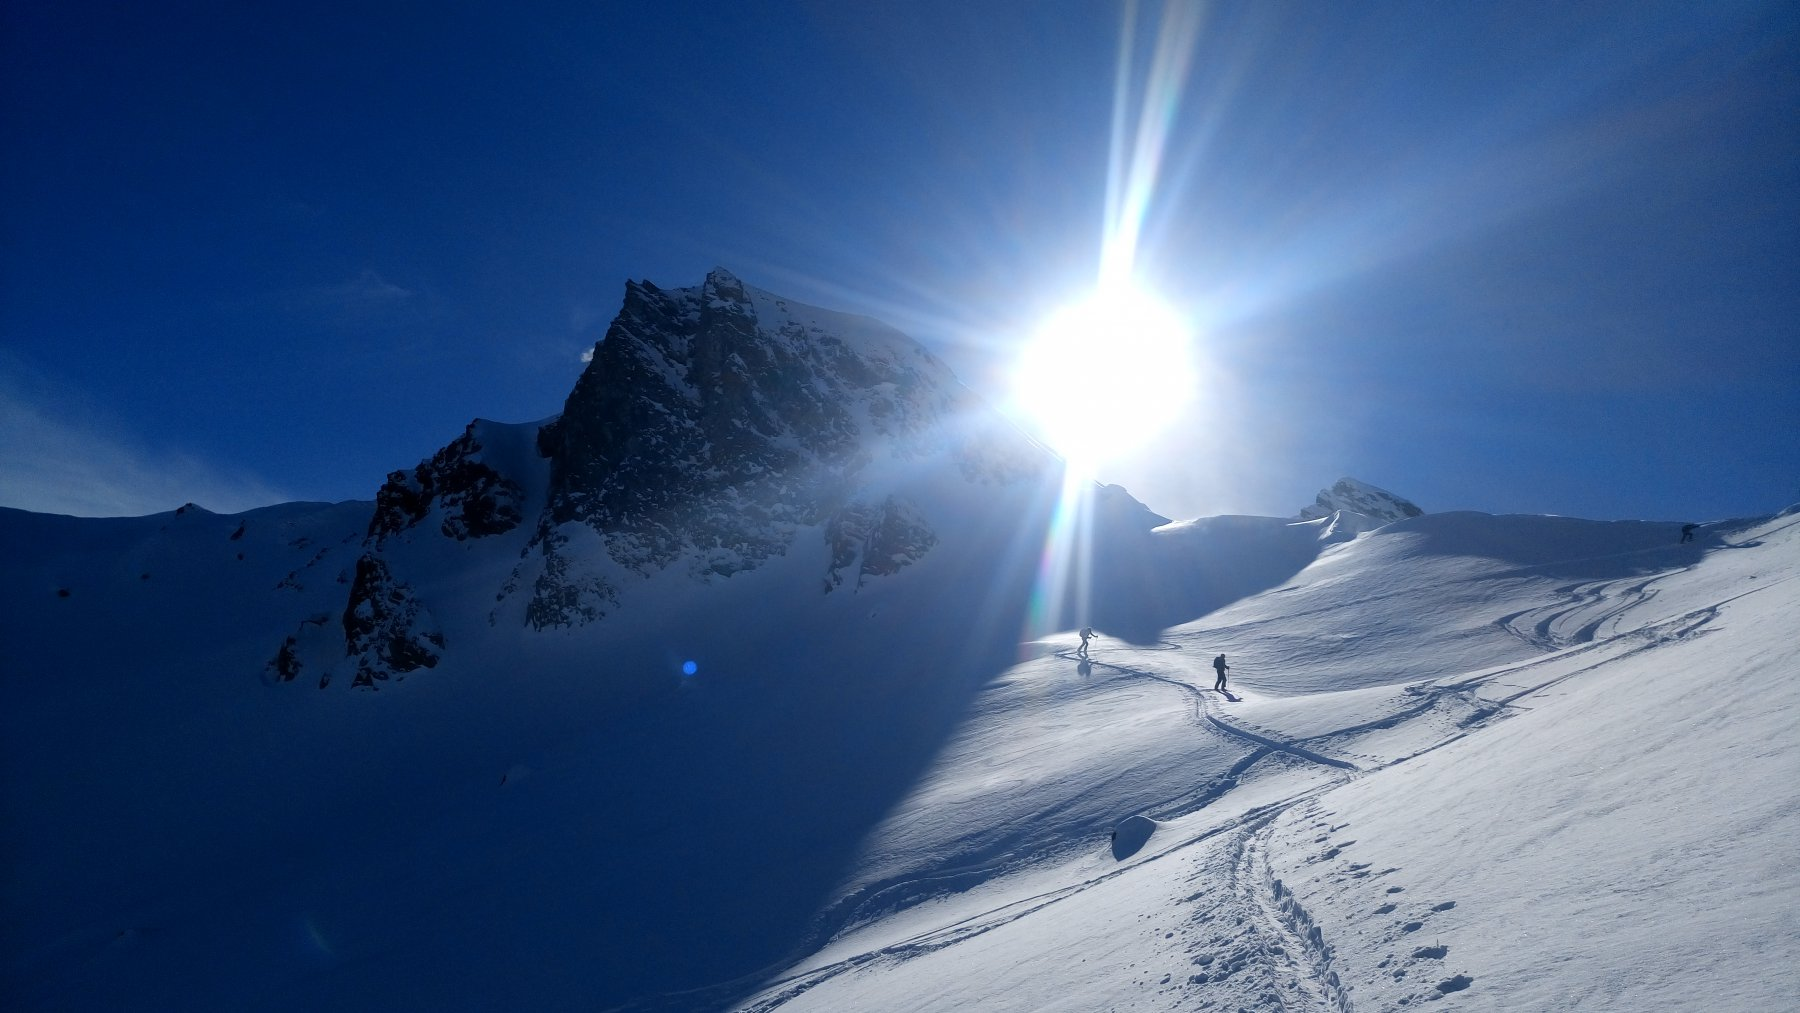 Risalita al passo Fornalino dall'Alpe omonima